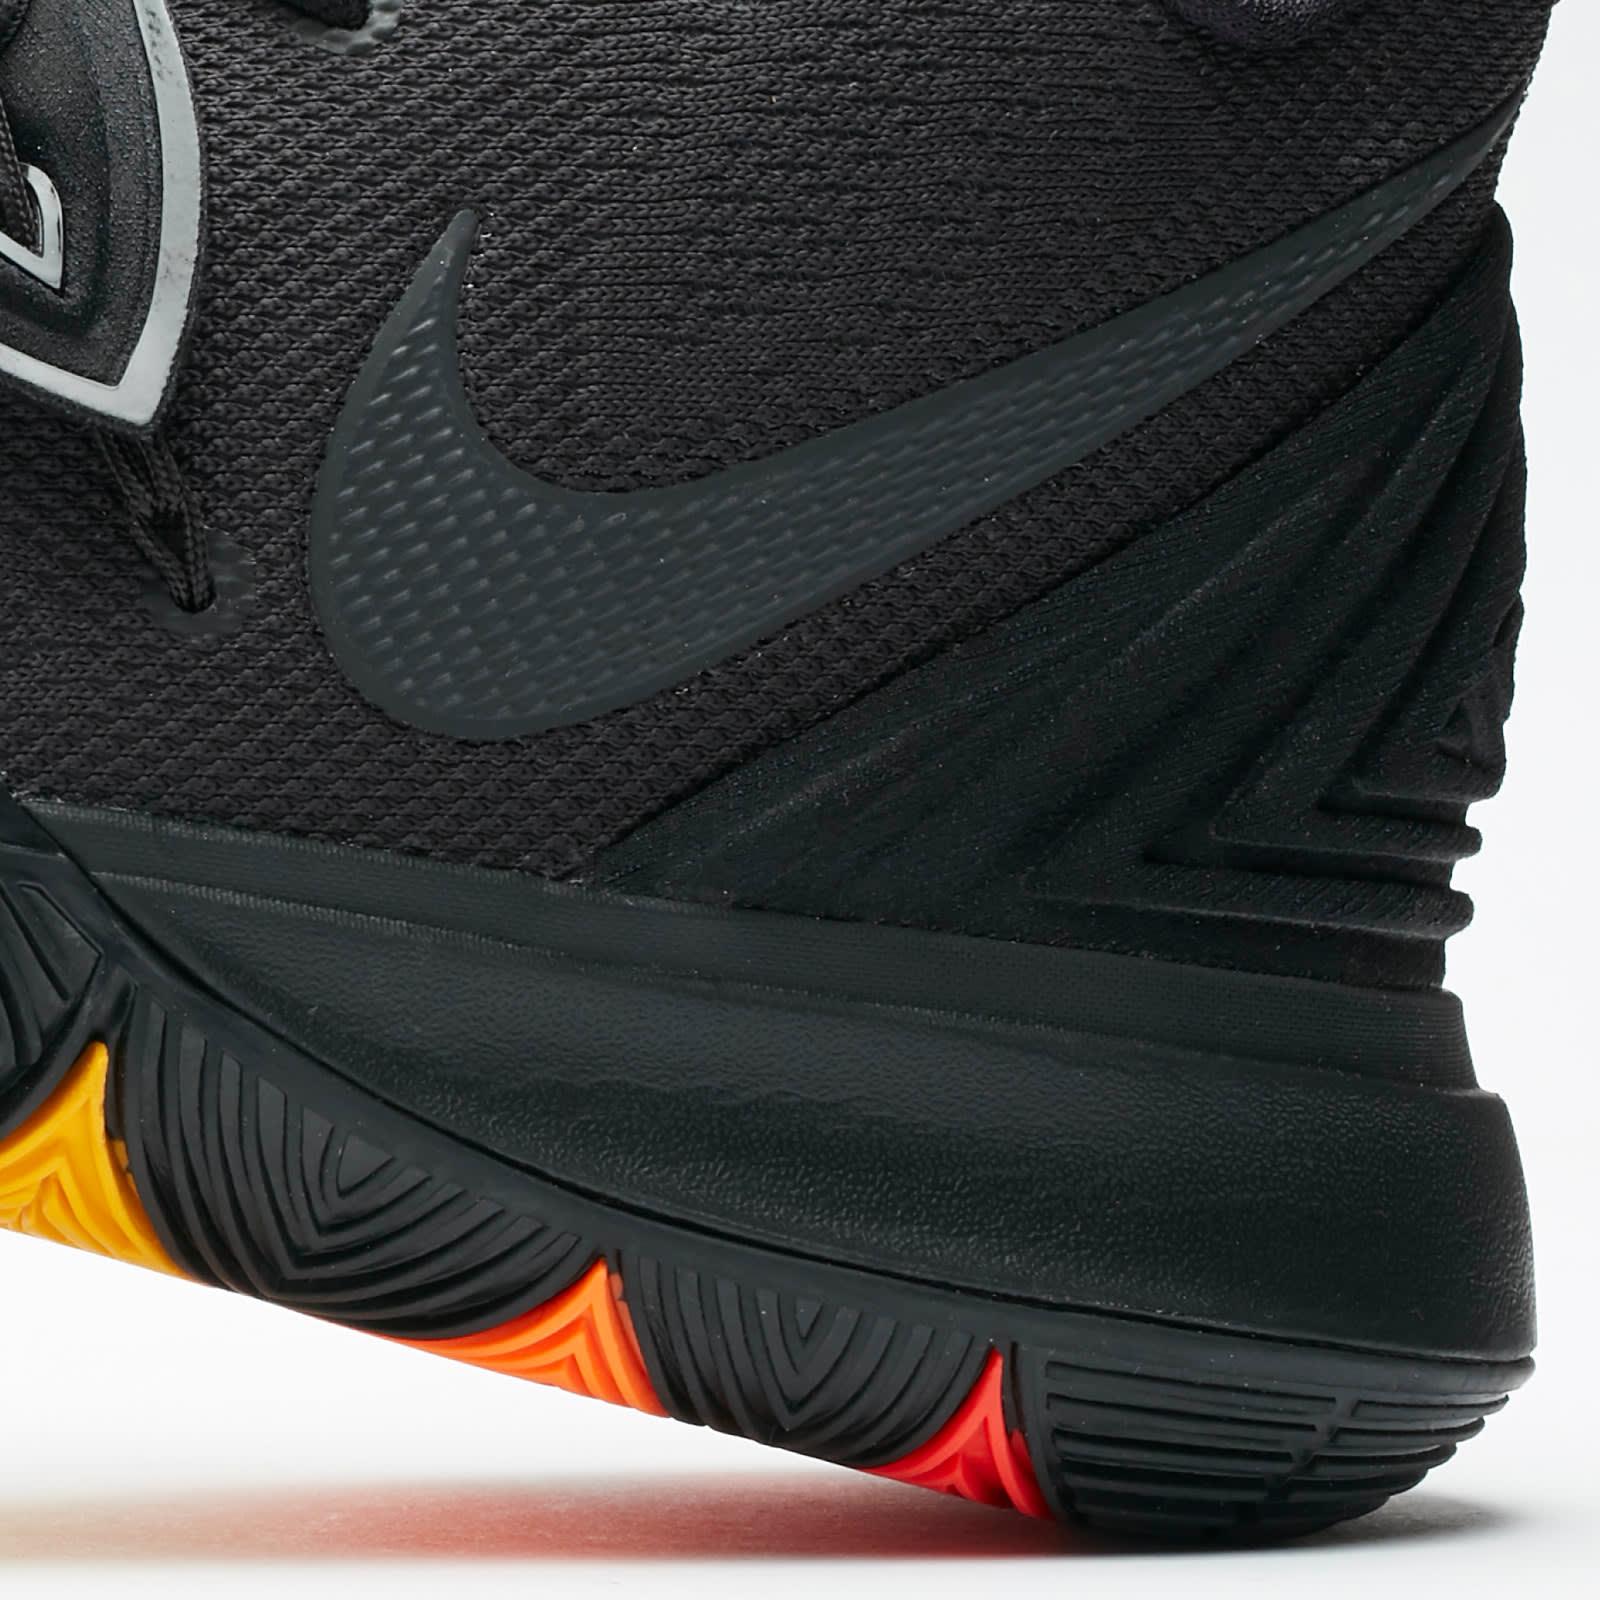 Nike Kyrie 5 Black Rainbow Release Date AO2918-001 Rear Midsole